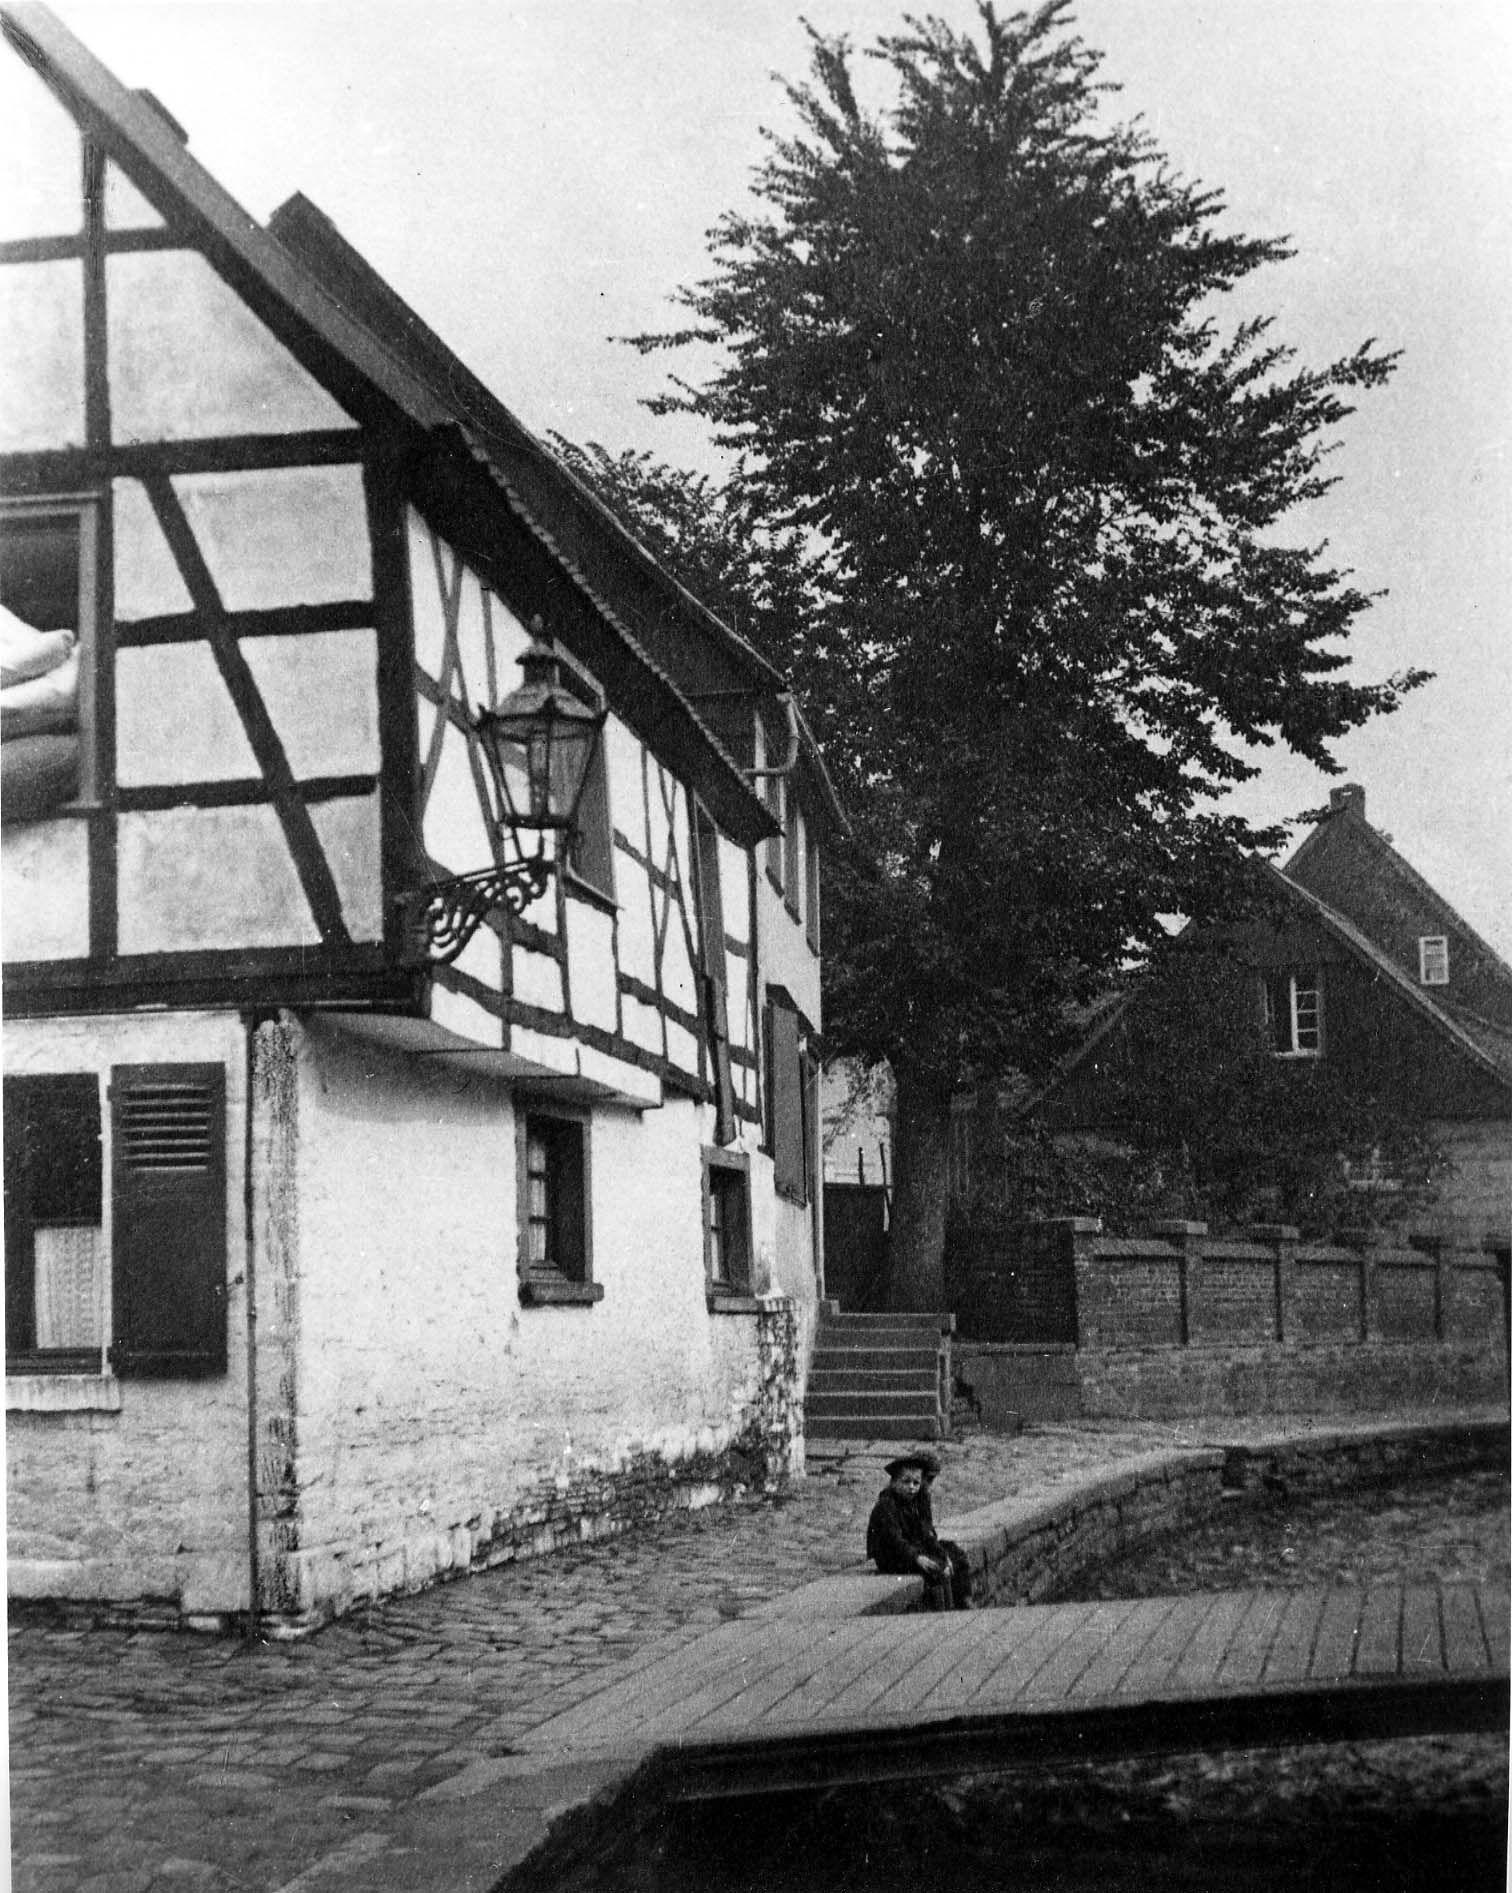 Bachviertel, Herdecke, Westfalen, 30er Jahre Historische